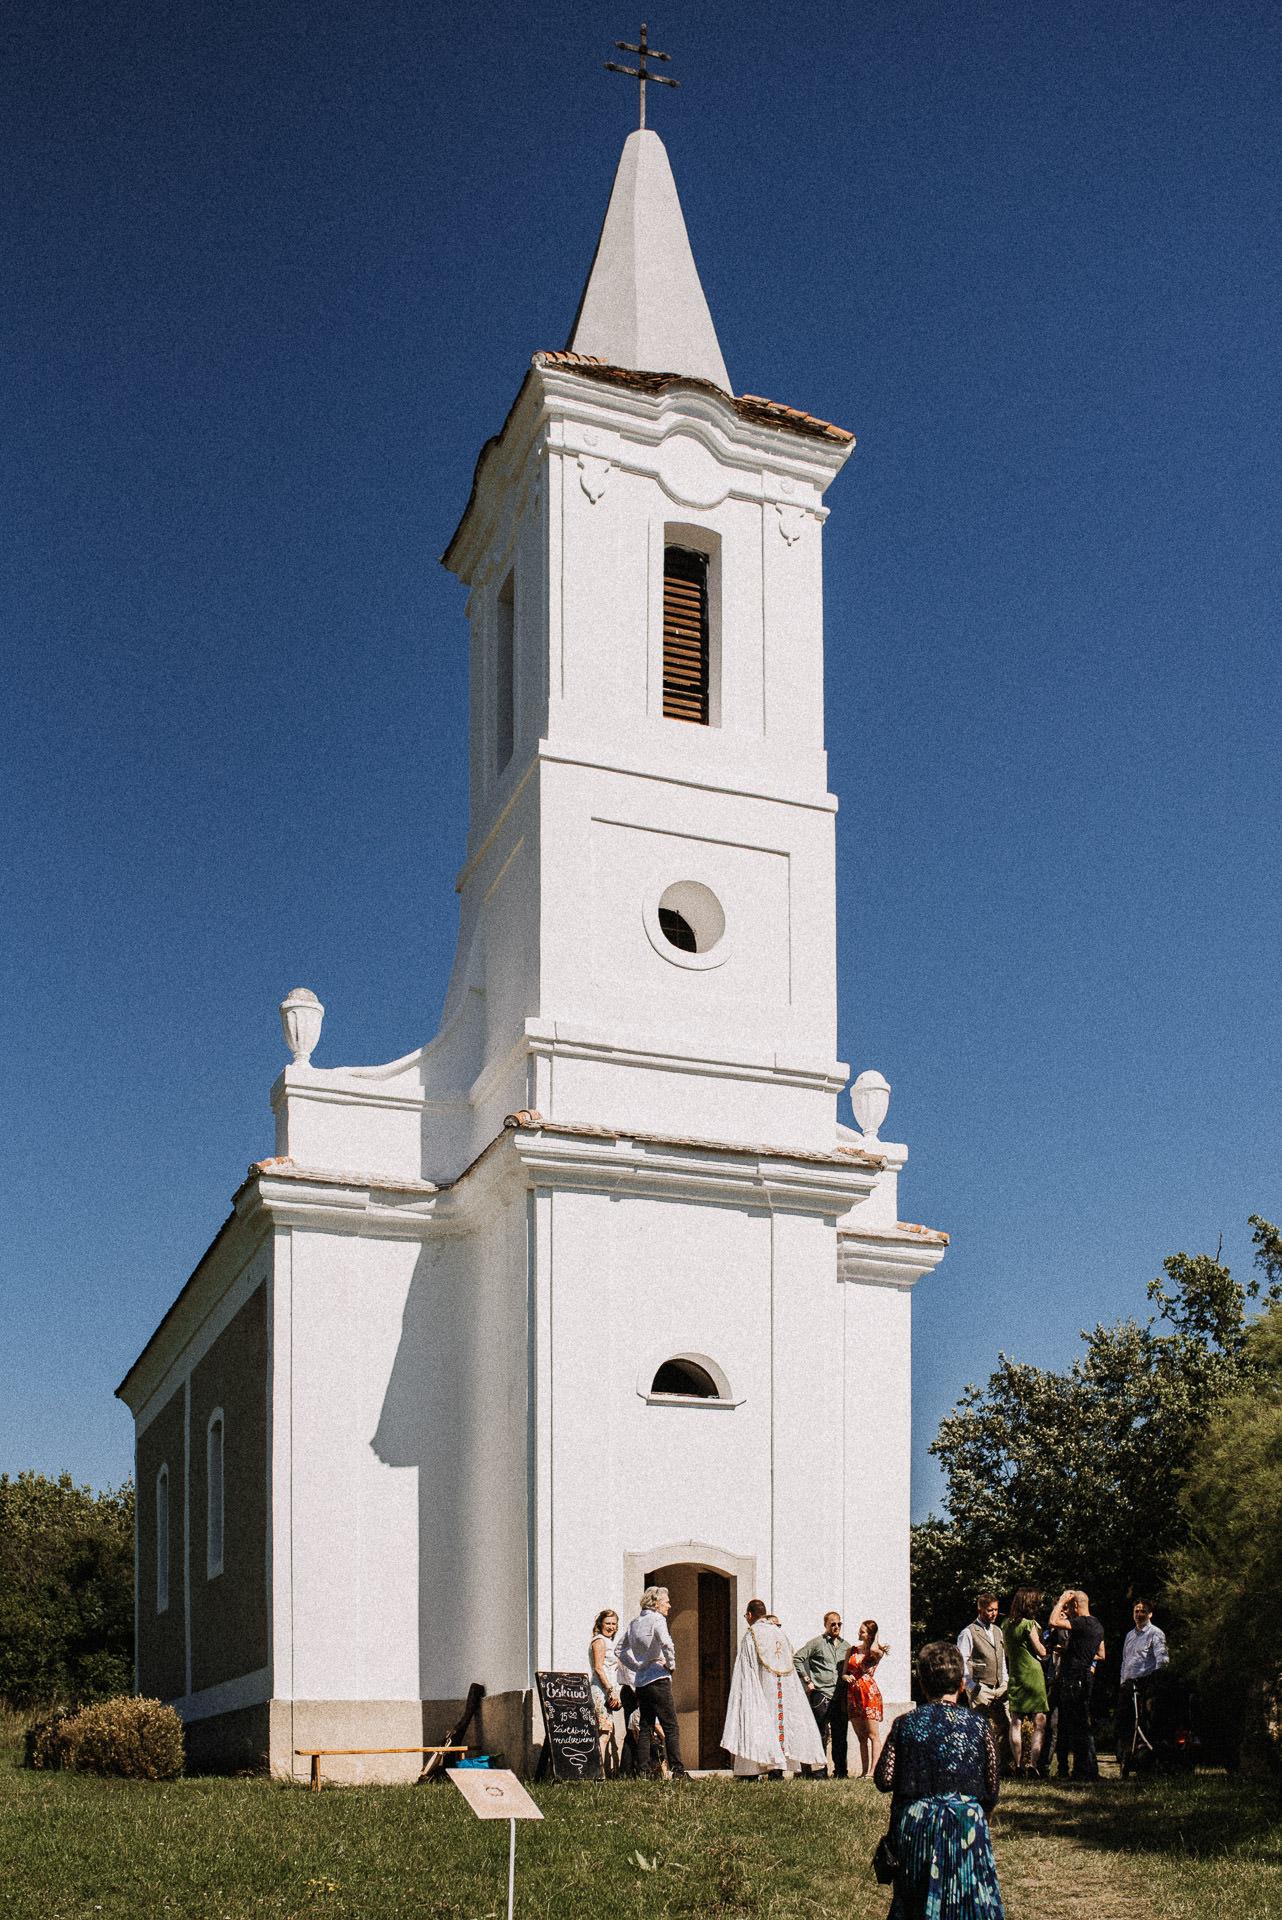 templom eskuvo obudavari katolikus templom szentendre skanzen